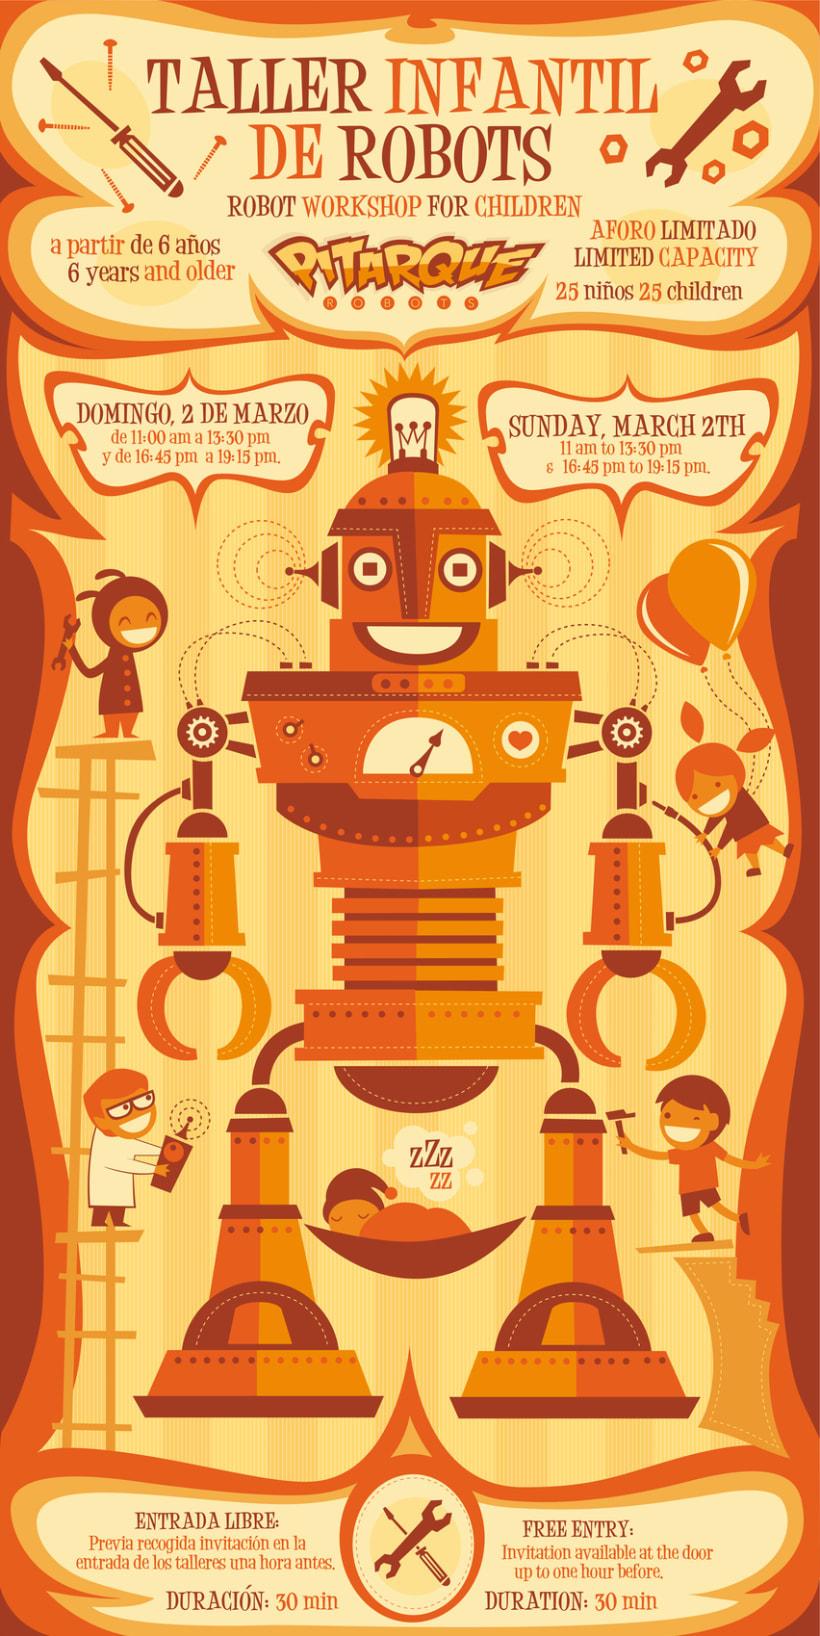 Poster para el Taller Infantil de Robots Pitarque Robots -1